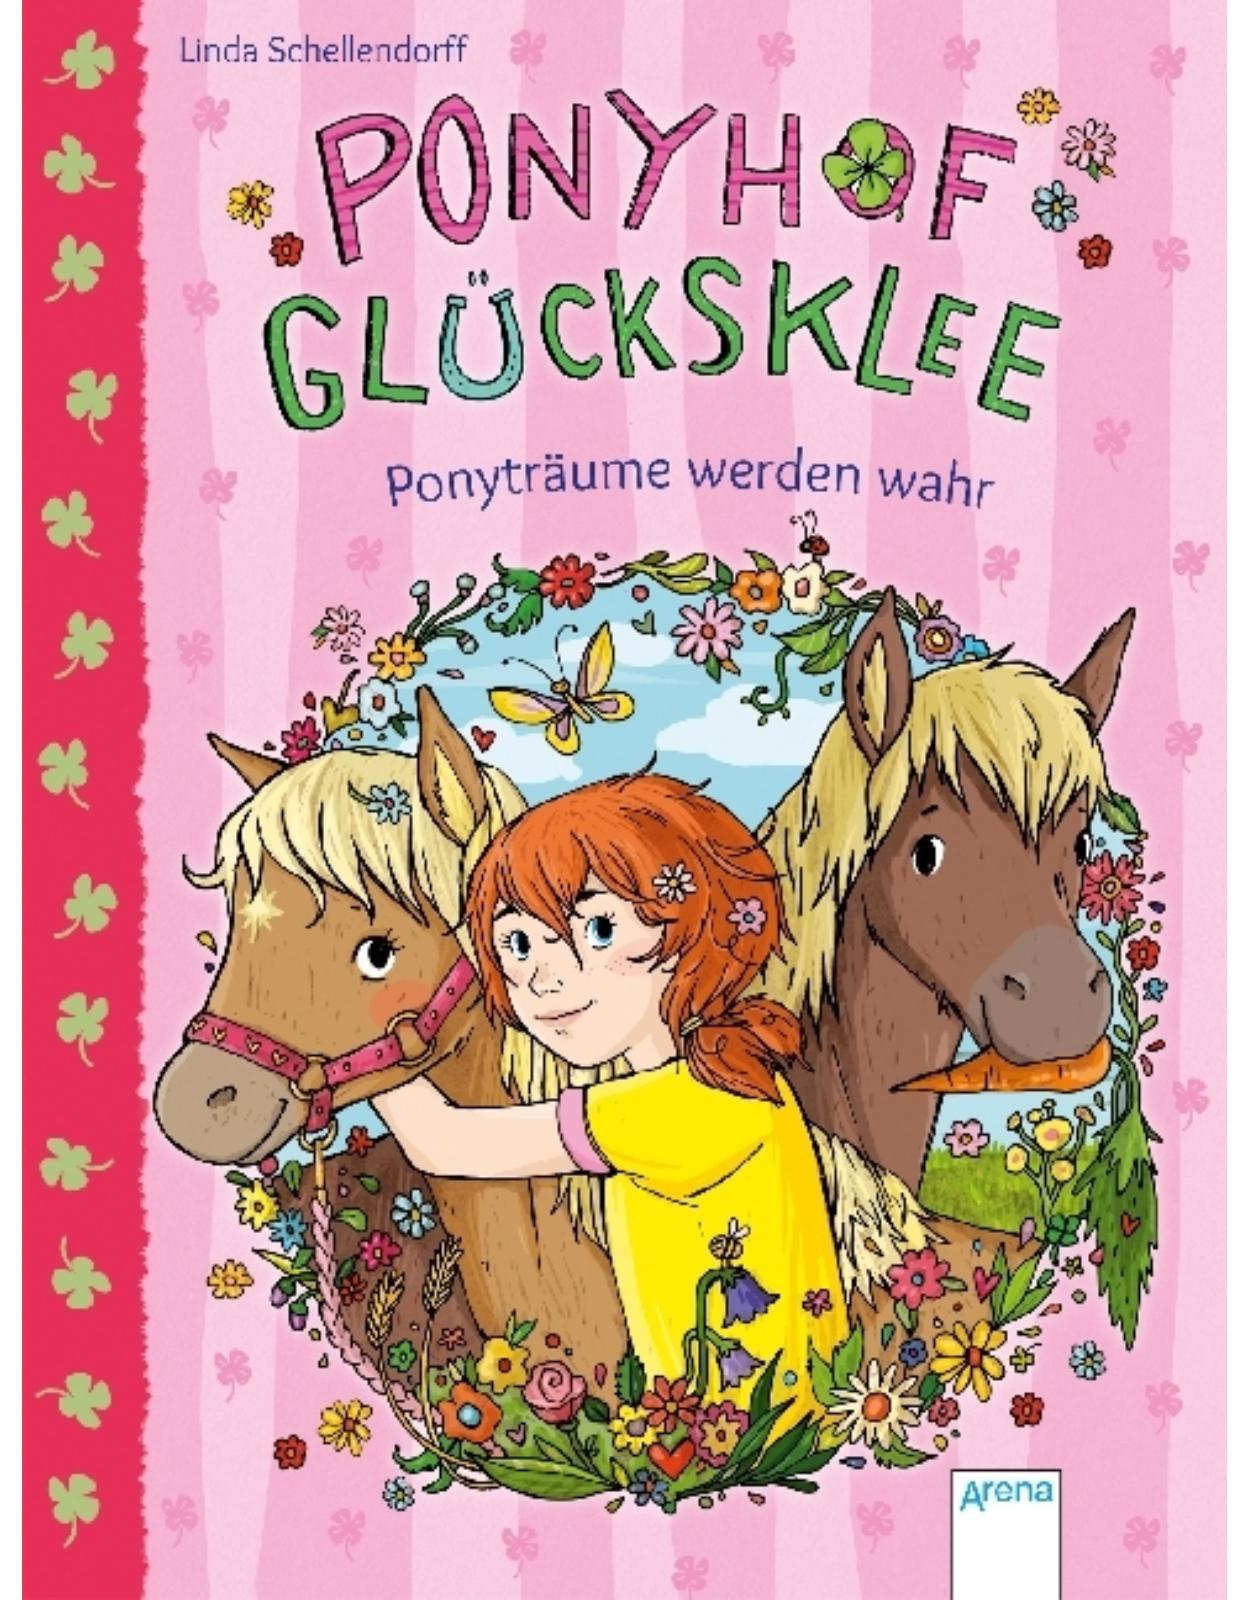 Ponyhof Glucksklee - Ponytraume werden wahr